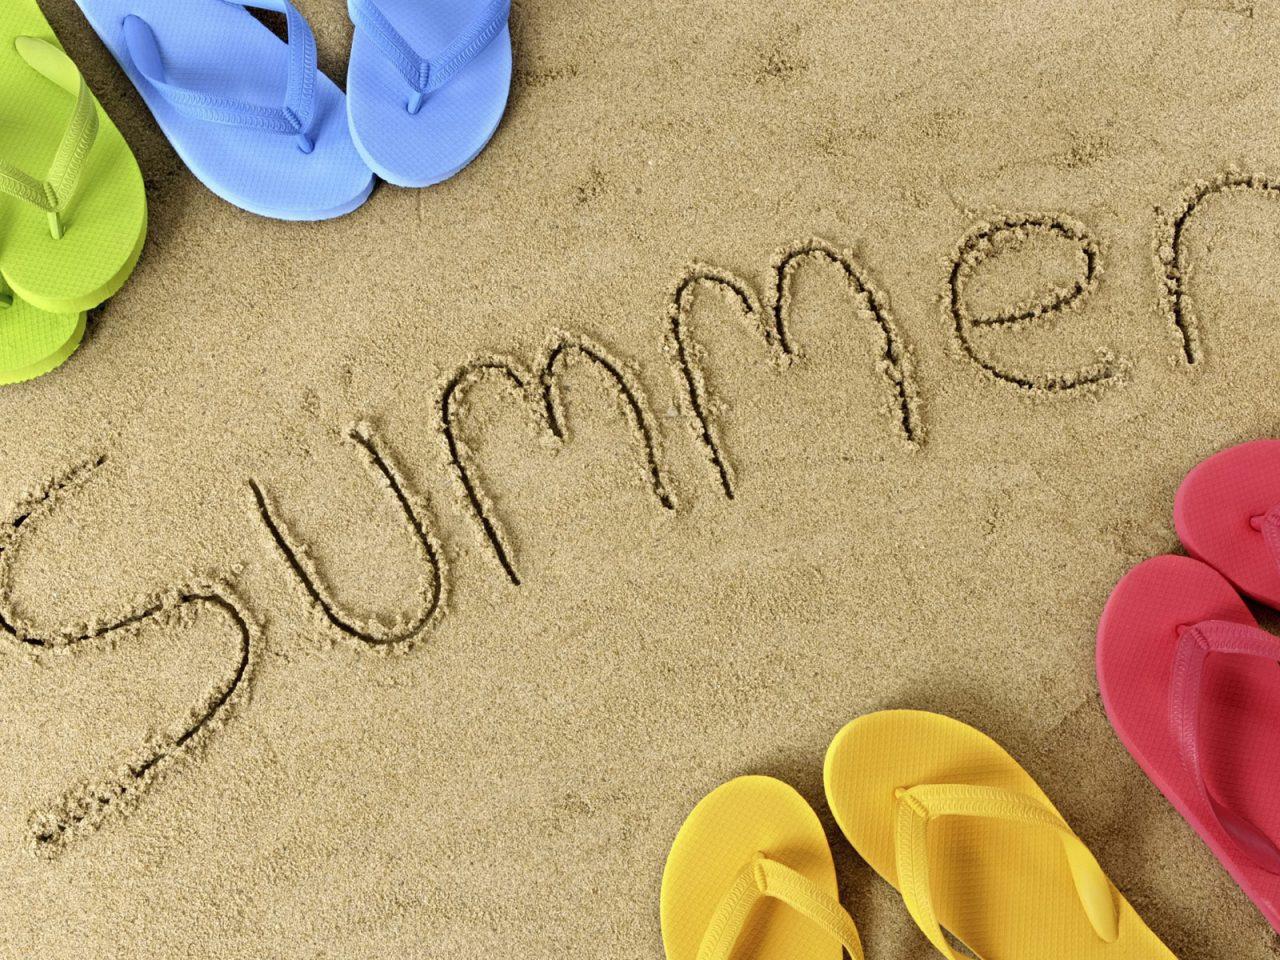 А вы за лето, проведенное с пользой? 6